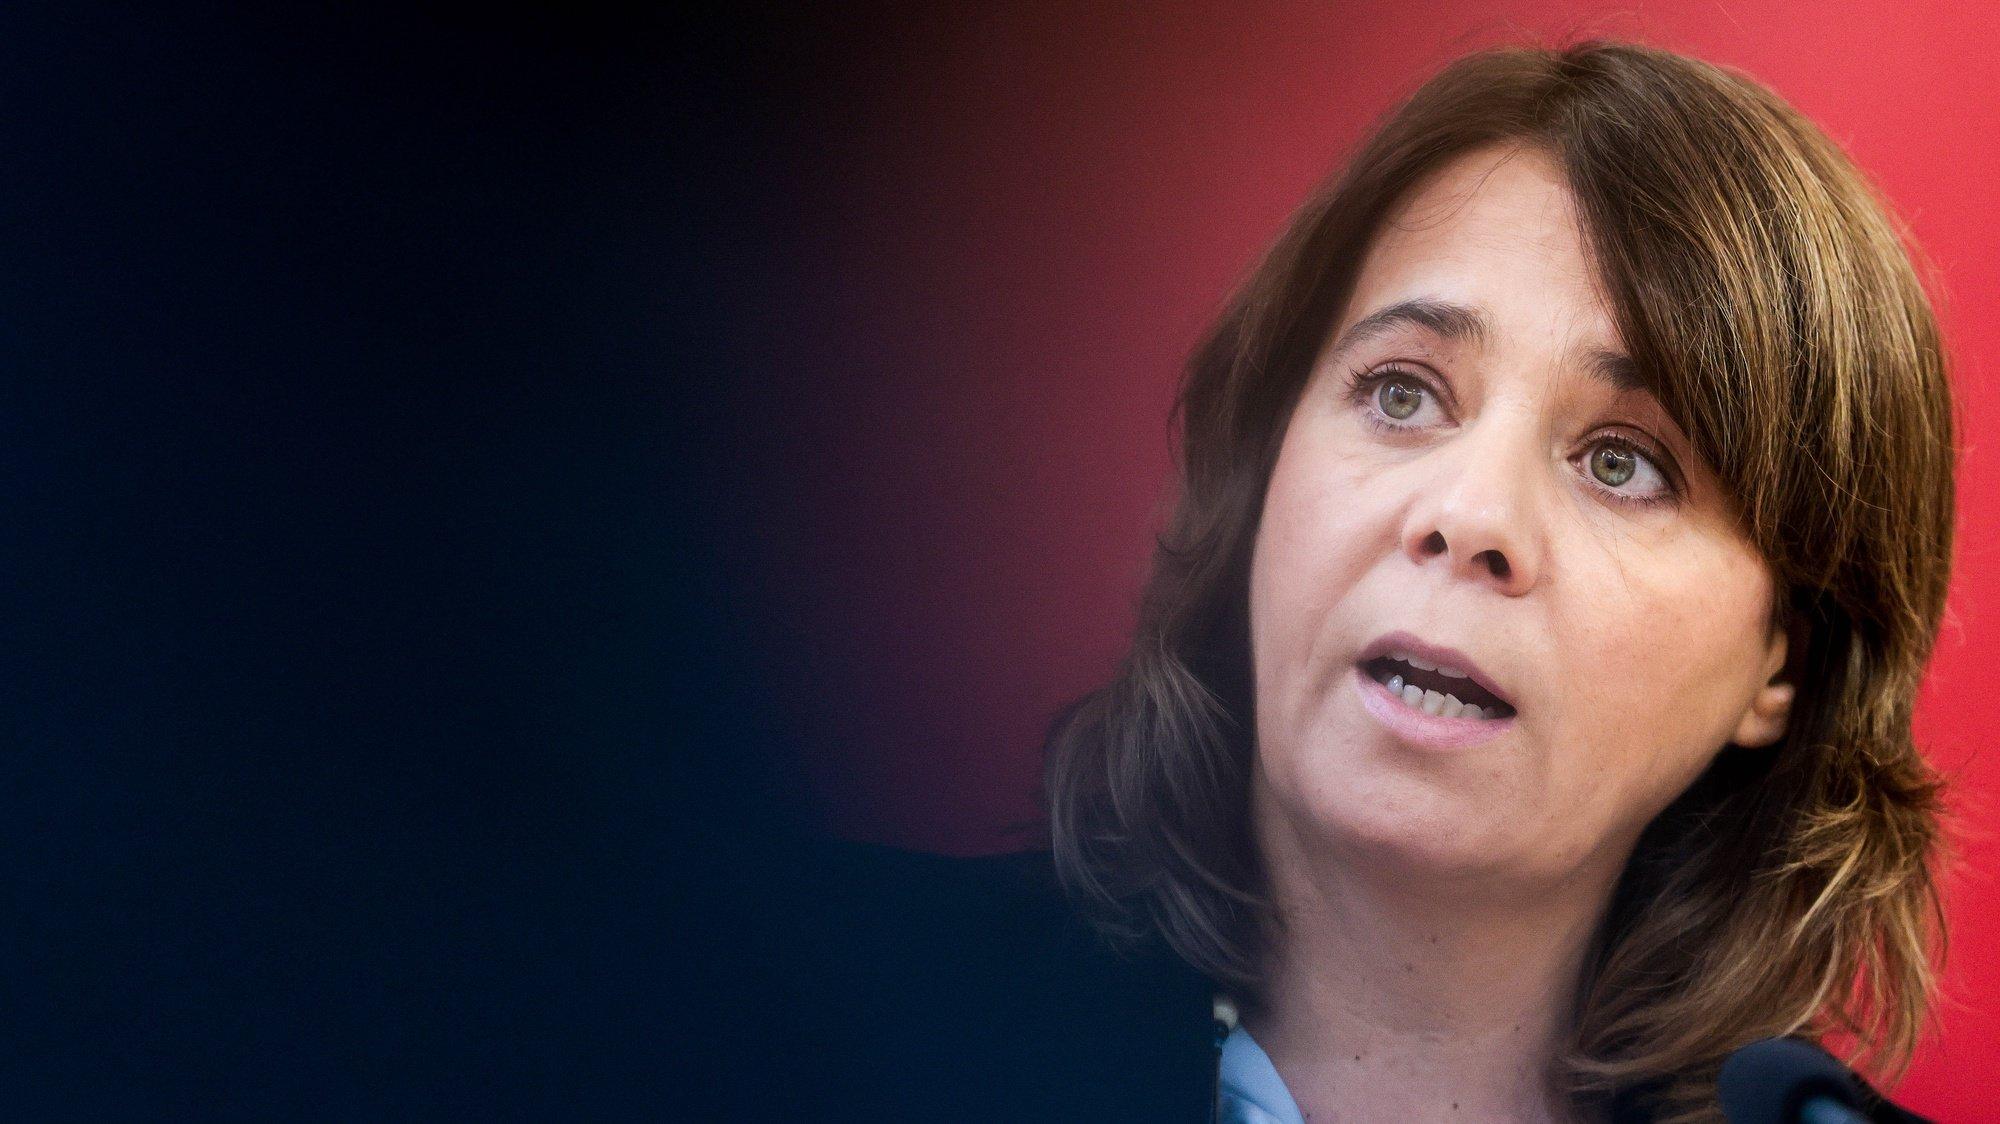 A coordenadora do Bloco de Esquerda, Catarina Martins, apresenta propostas do Bloco para apoiar a economia e proteger o trabalho, durante uma conferência de imprensa na sede Nacional do Bloco de Esquerda, em Lisboa, 07 de dezembro de 2020. JOSE SENA GOULAO/LUSA